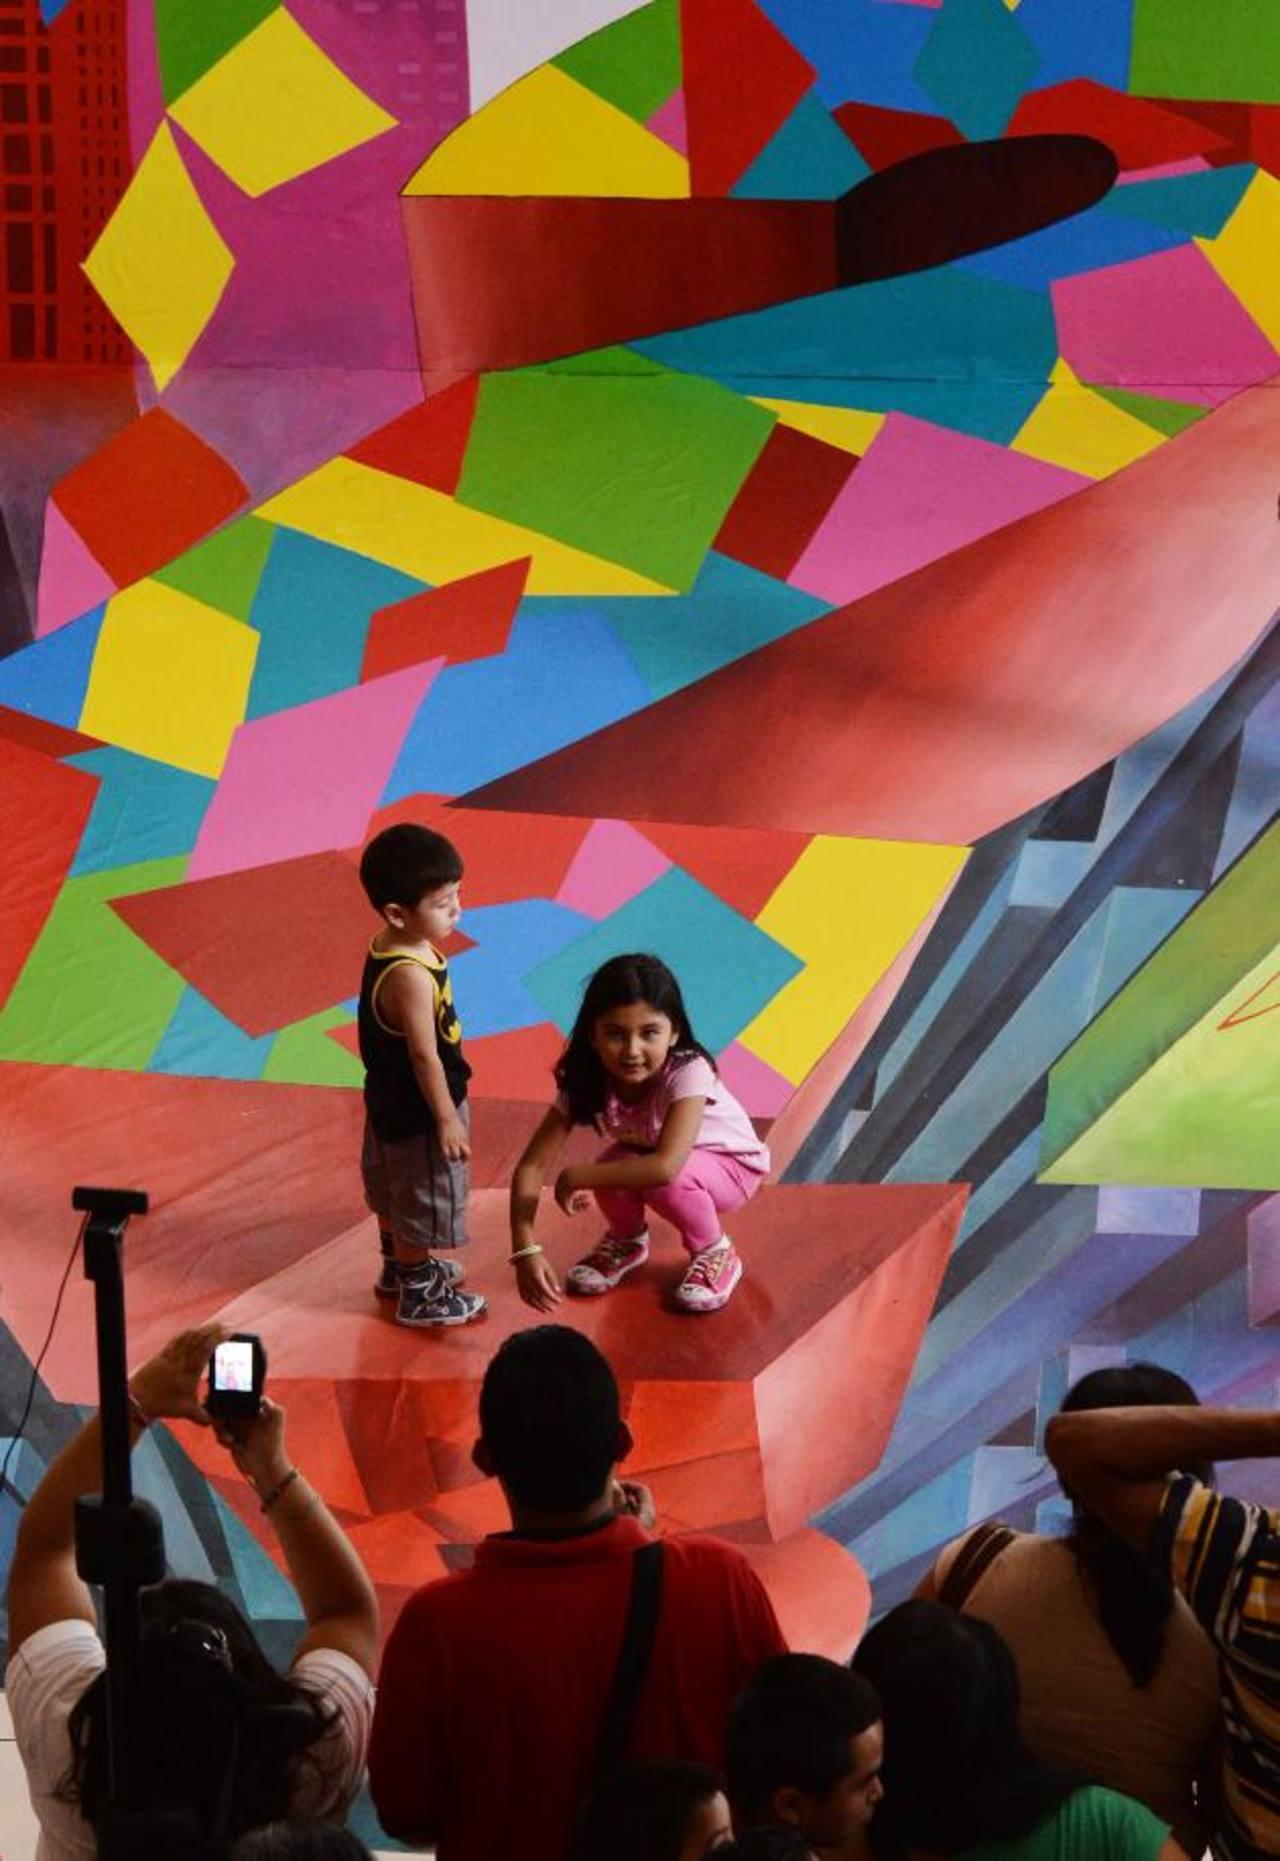 Este es uno de los diseños que la artista creó para Digicel en las instalaciones de Plaza Mundo. La pintura mide 7 metros de largo por 5 metros de ancho, incluye una pared trasera. fotos edh / omar carbonero